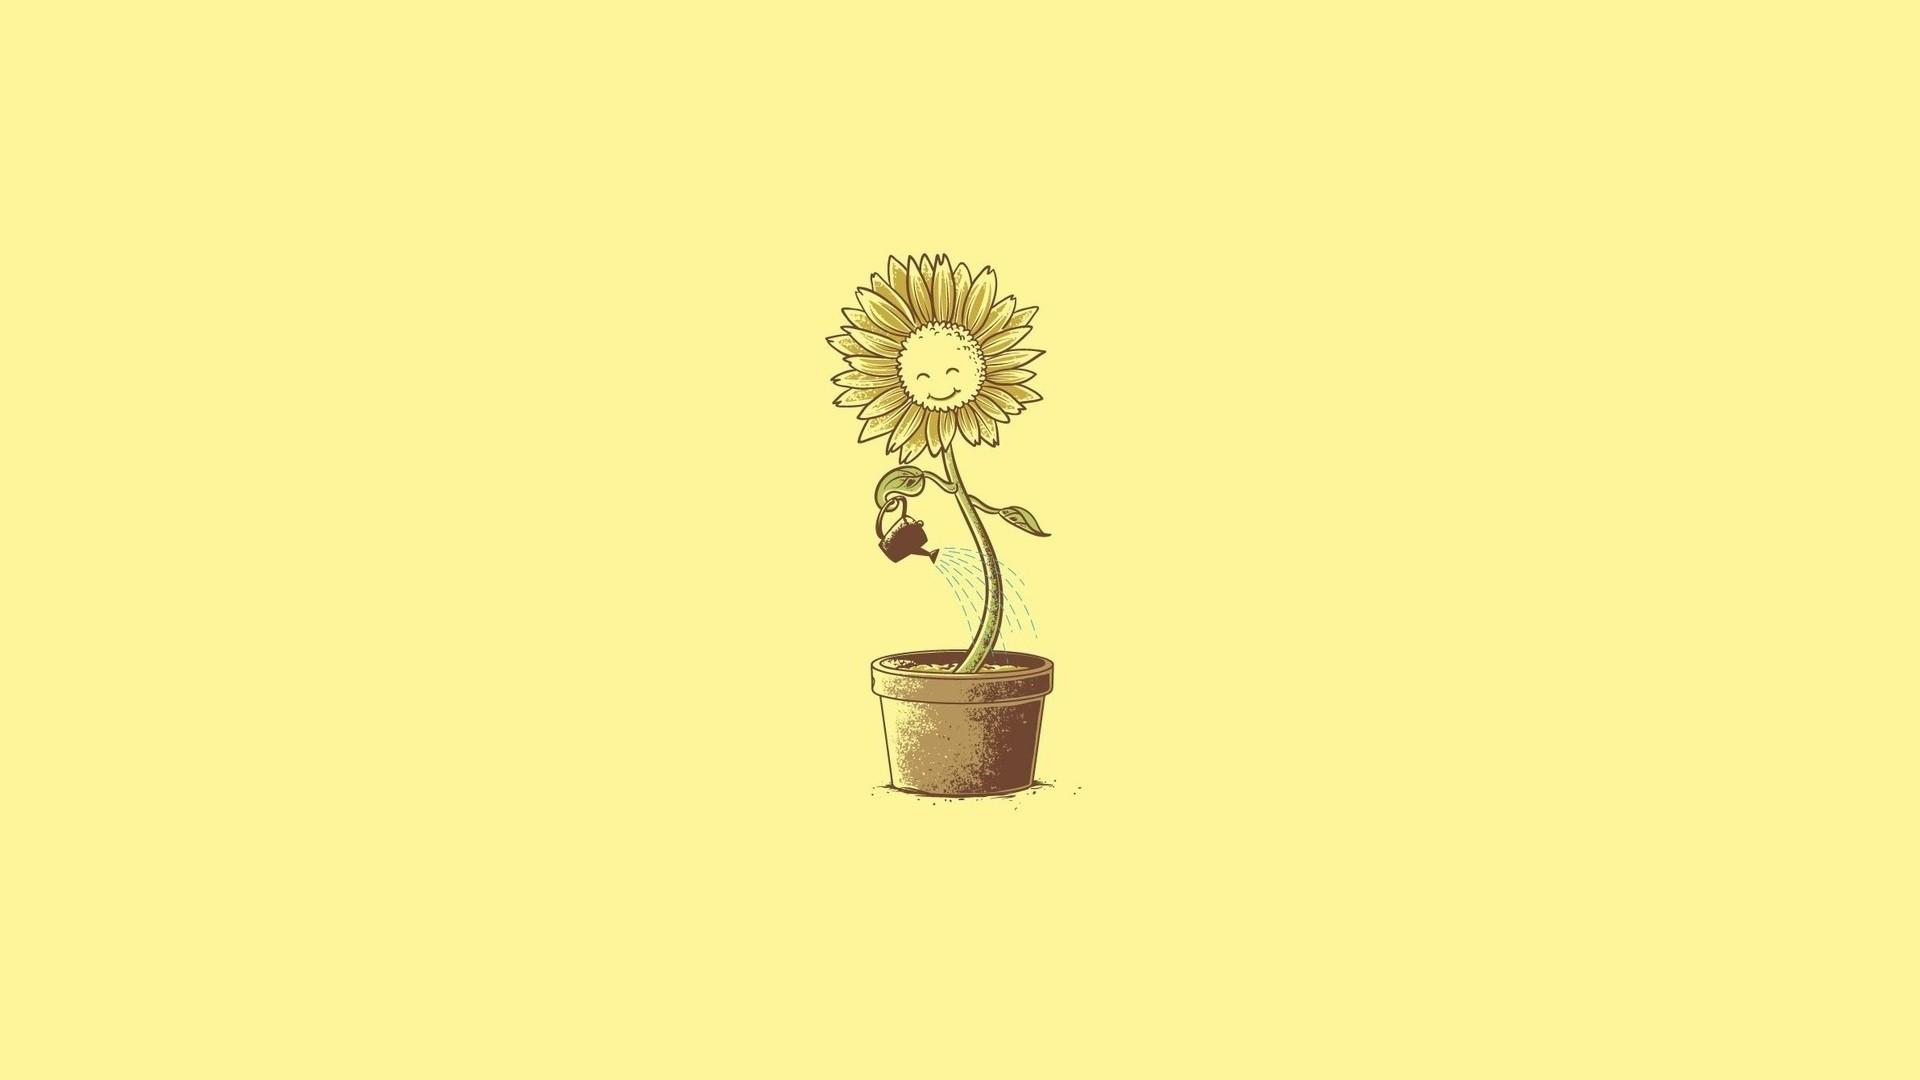 Flower Minimalist desktop wallpaper hd